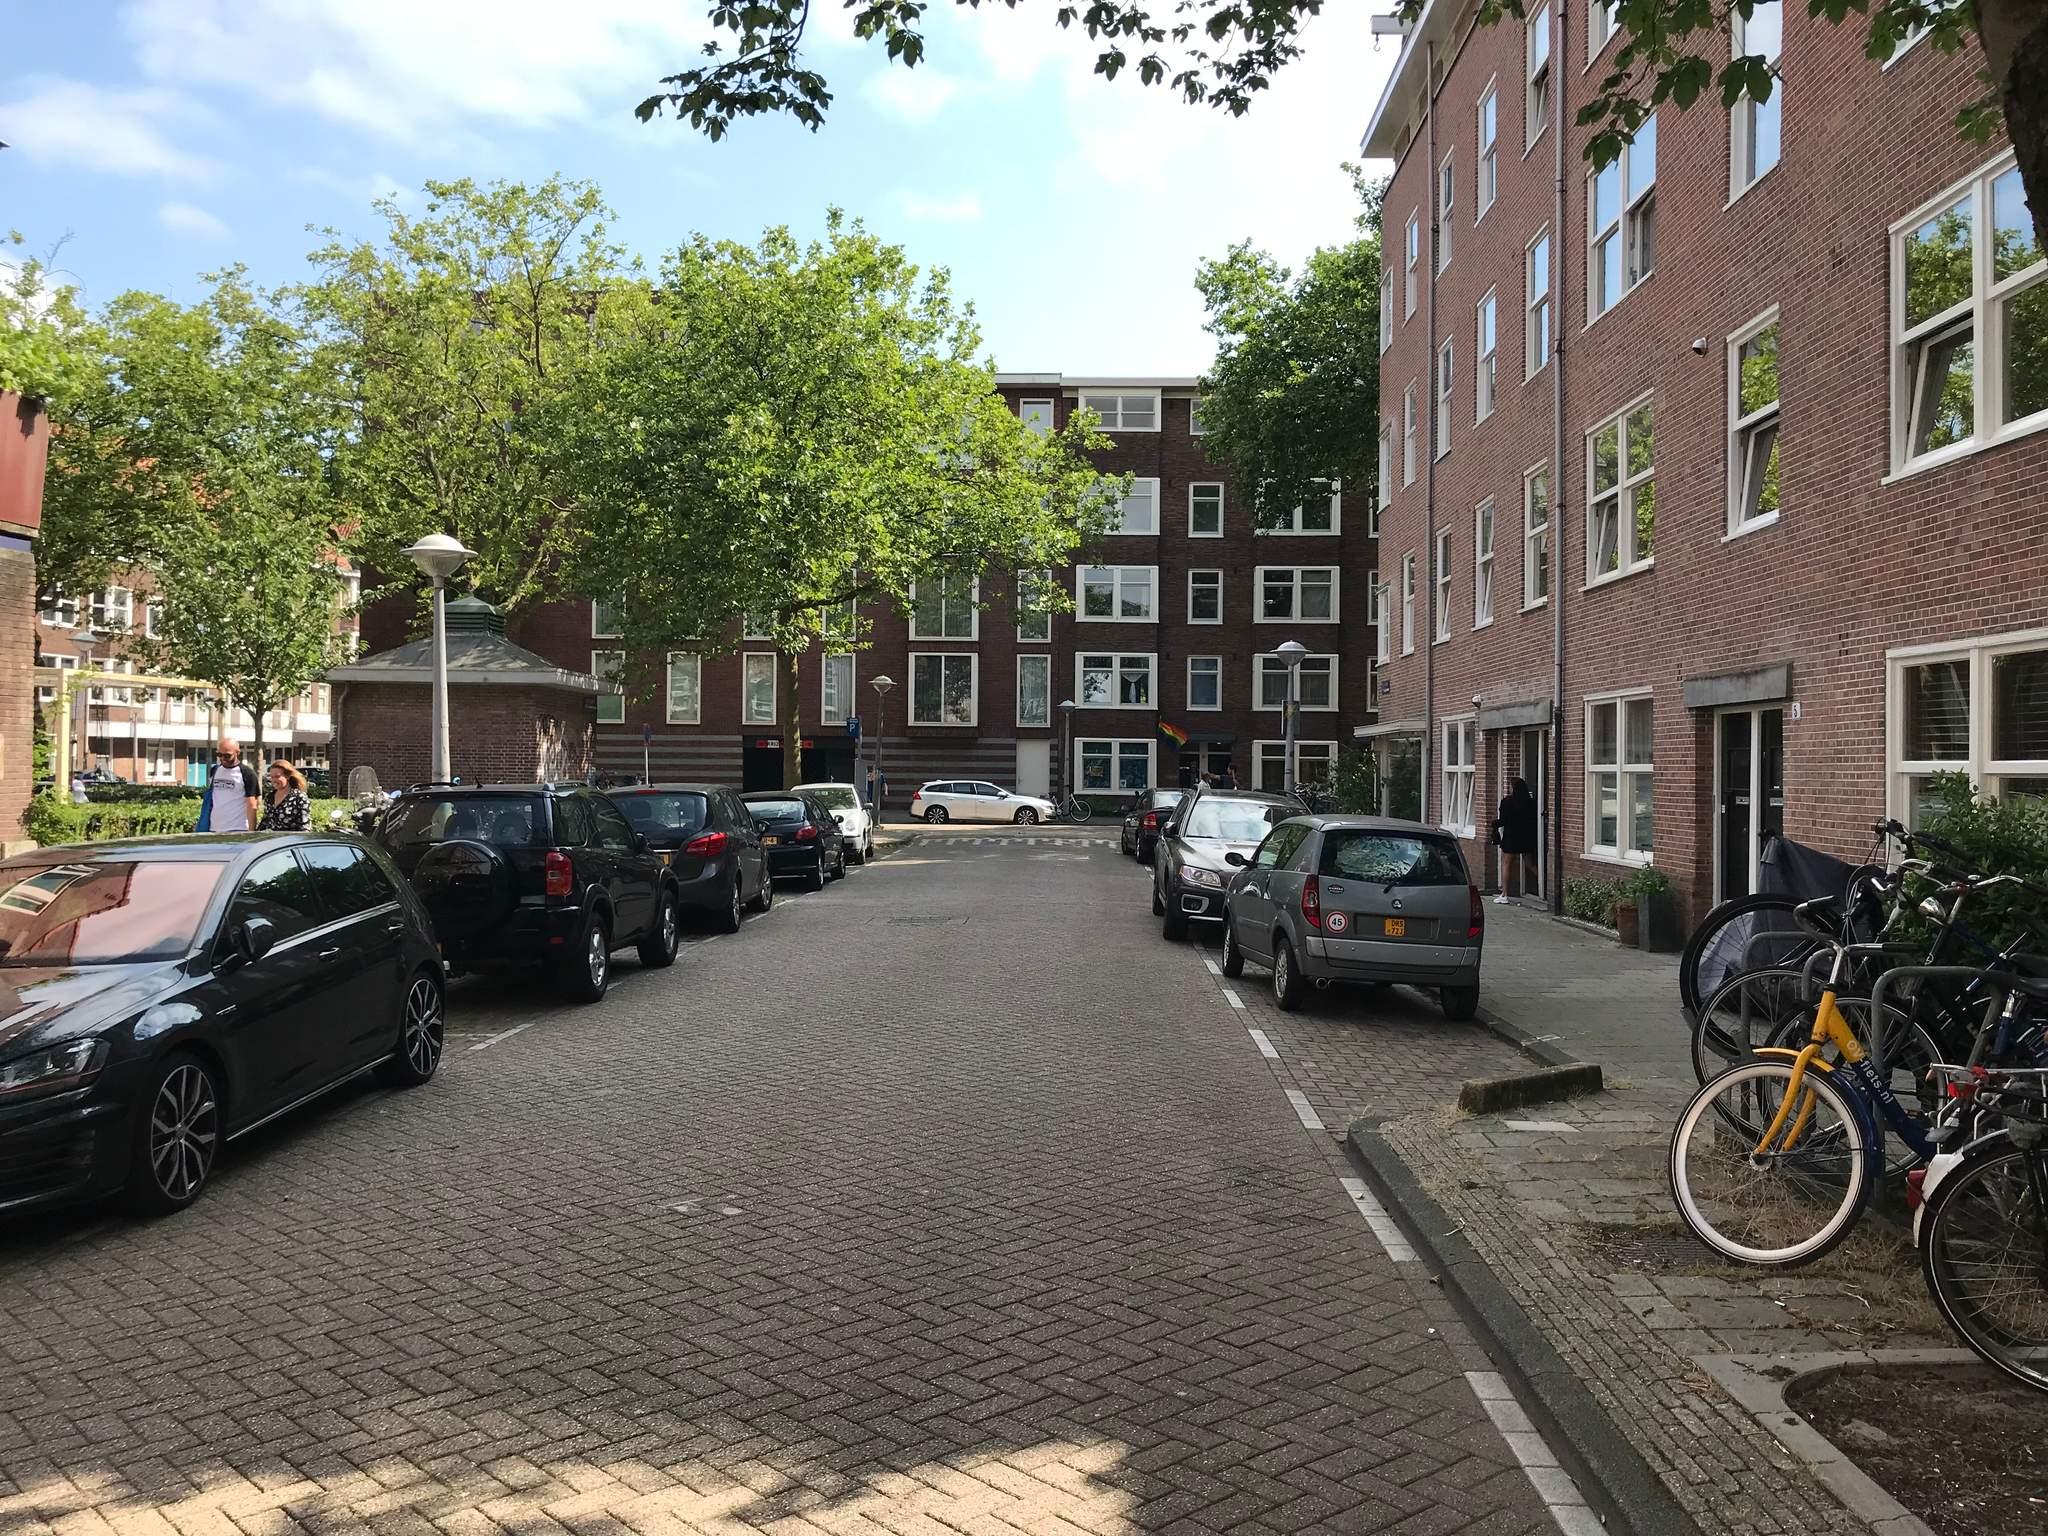 Joos de Moorstraat 4Huis, Amsterdam Amsterdam